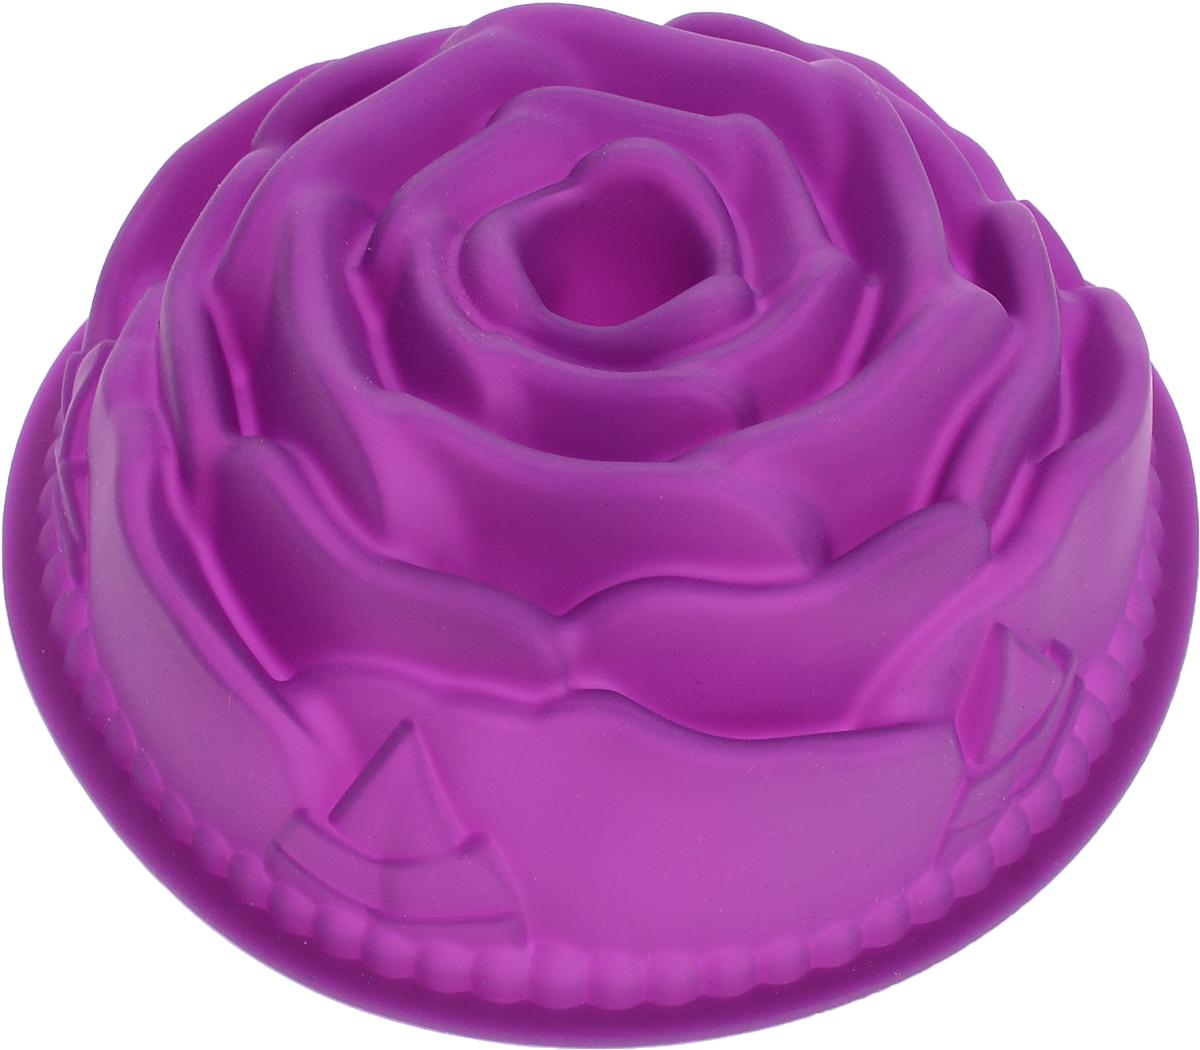 Форма для выпечки Доляна Роза, цвет: фиолетовый, 11 х 11 х 4 см549313_фиолетовыйСиликоновая форма для выпечки Доляна - современное решение для практичных и радушных хозяек. Оригинальный предмет позволяет готовить в духовке любимые блюда из мяса, рыбы, птицы и овощей, а также вкуснейшую выпечку.Блюдо сохраняет нужную форму и легко отделяется от стенок после приготовления;высокая термостойкость (от -40 до 230 С) позволяет применять форму в духовых шкафах и морозильных камерах;небольшая масса делает эксплуатацию предмета простой даже для хрупкой женщины;силикон пригоден для посудомоечных машин;высокопрочный материал делает форму долговечным инструментом;при хранении предмет занимает мало места.